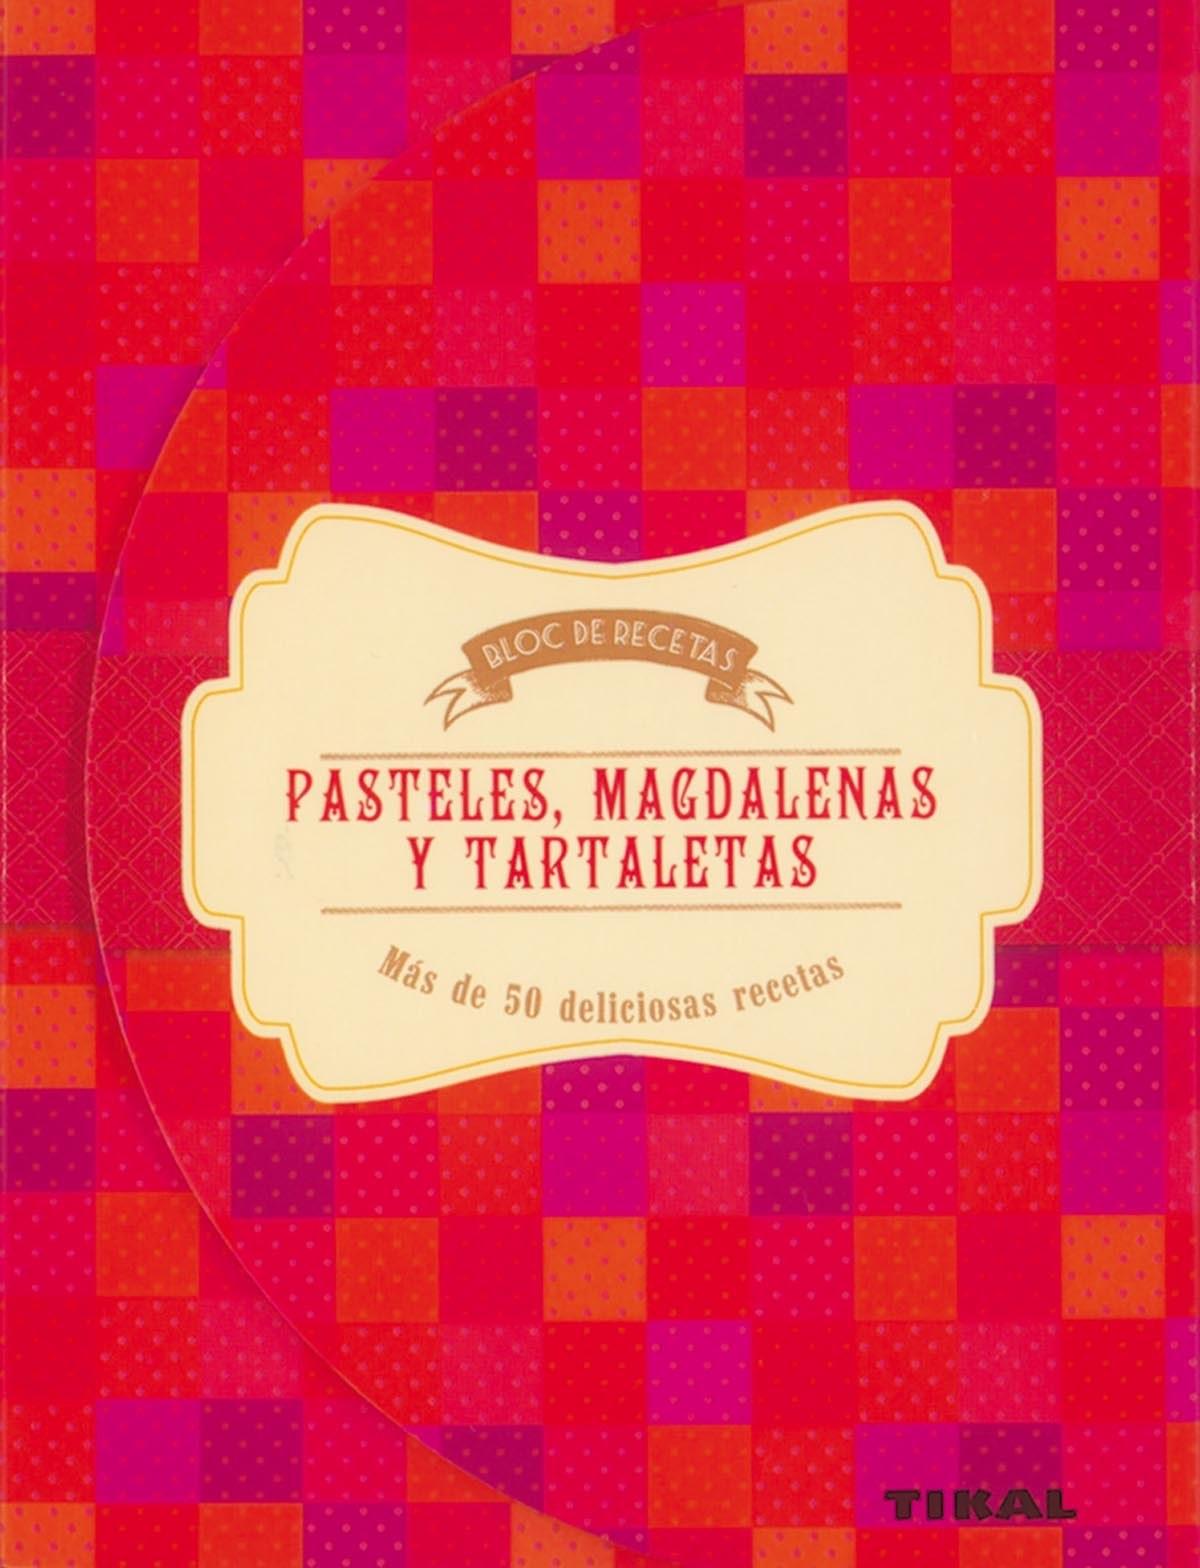 Pasteles, magdalenas y tartaletas 9788499283159